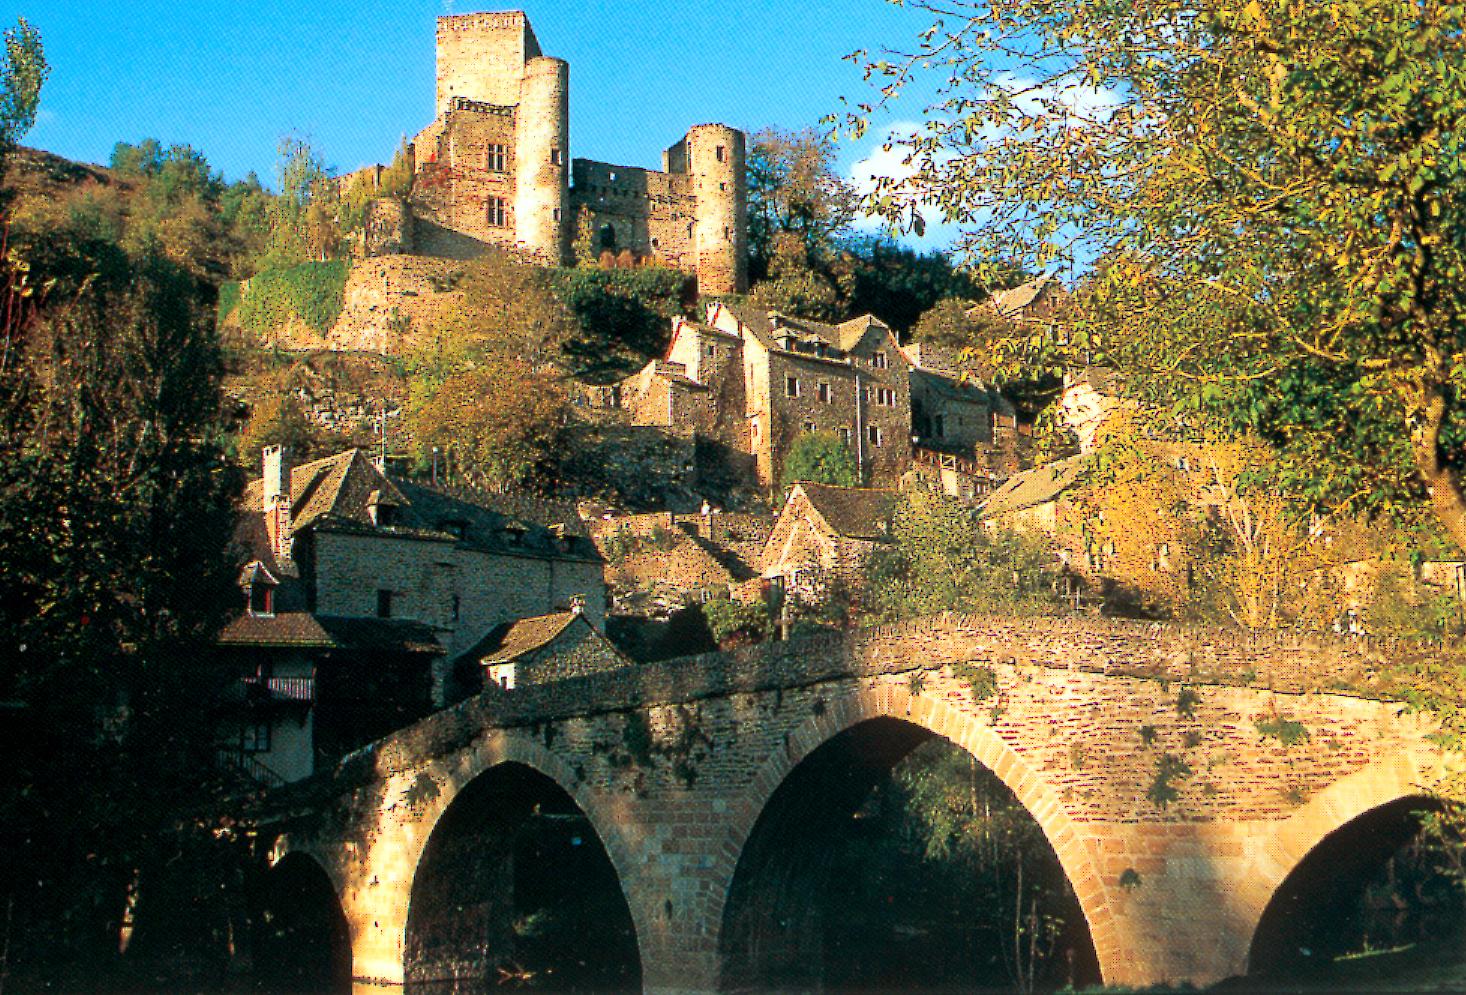 restaurant gastronomique aveyron vieux pont belcastel